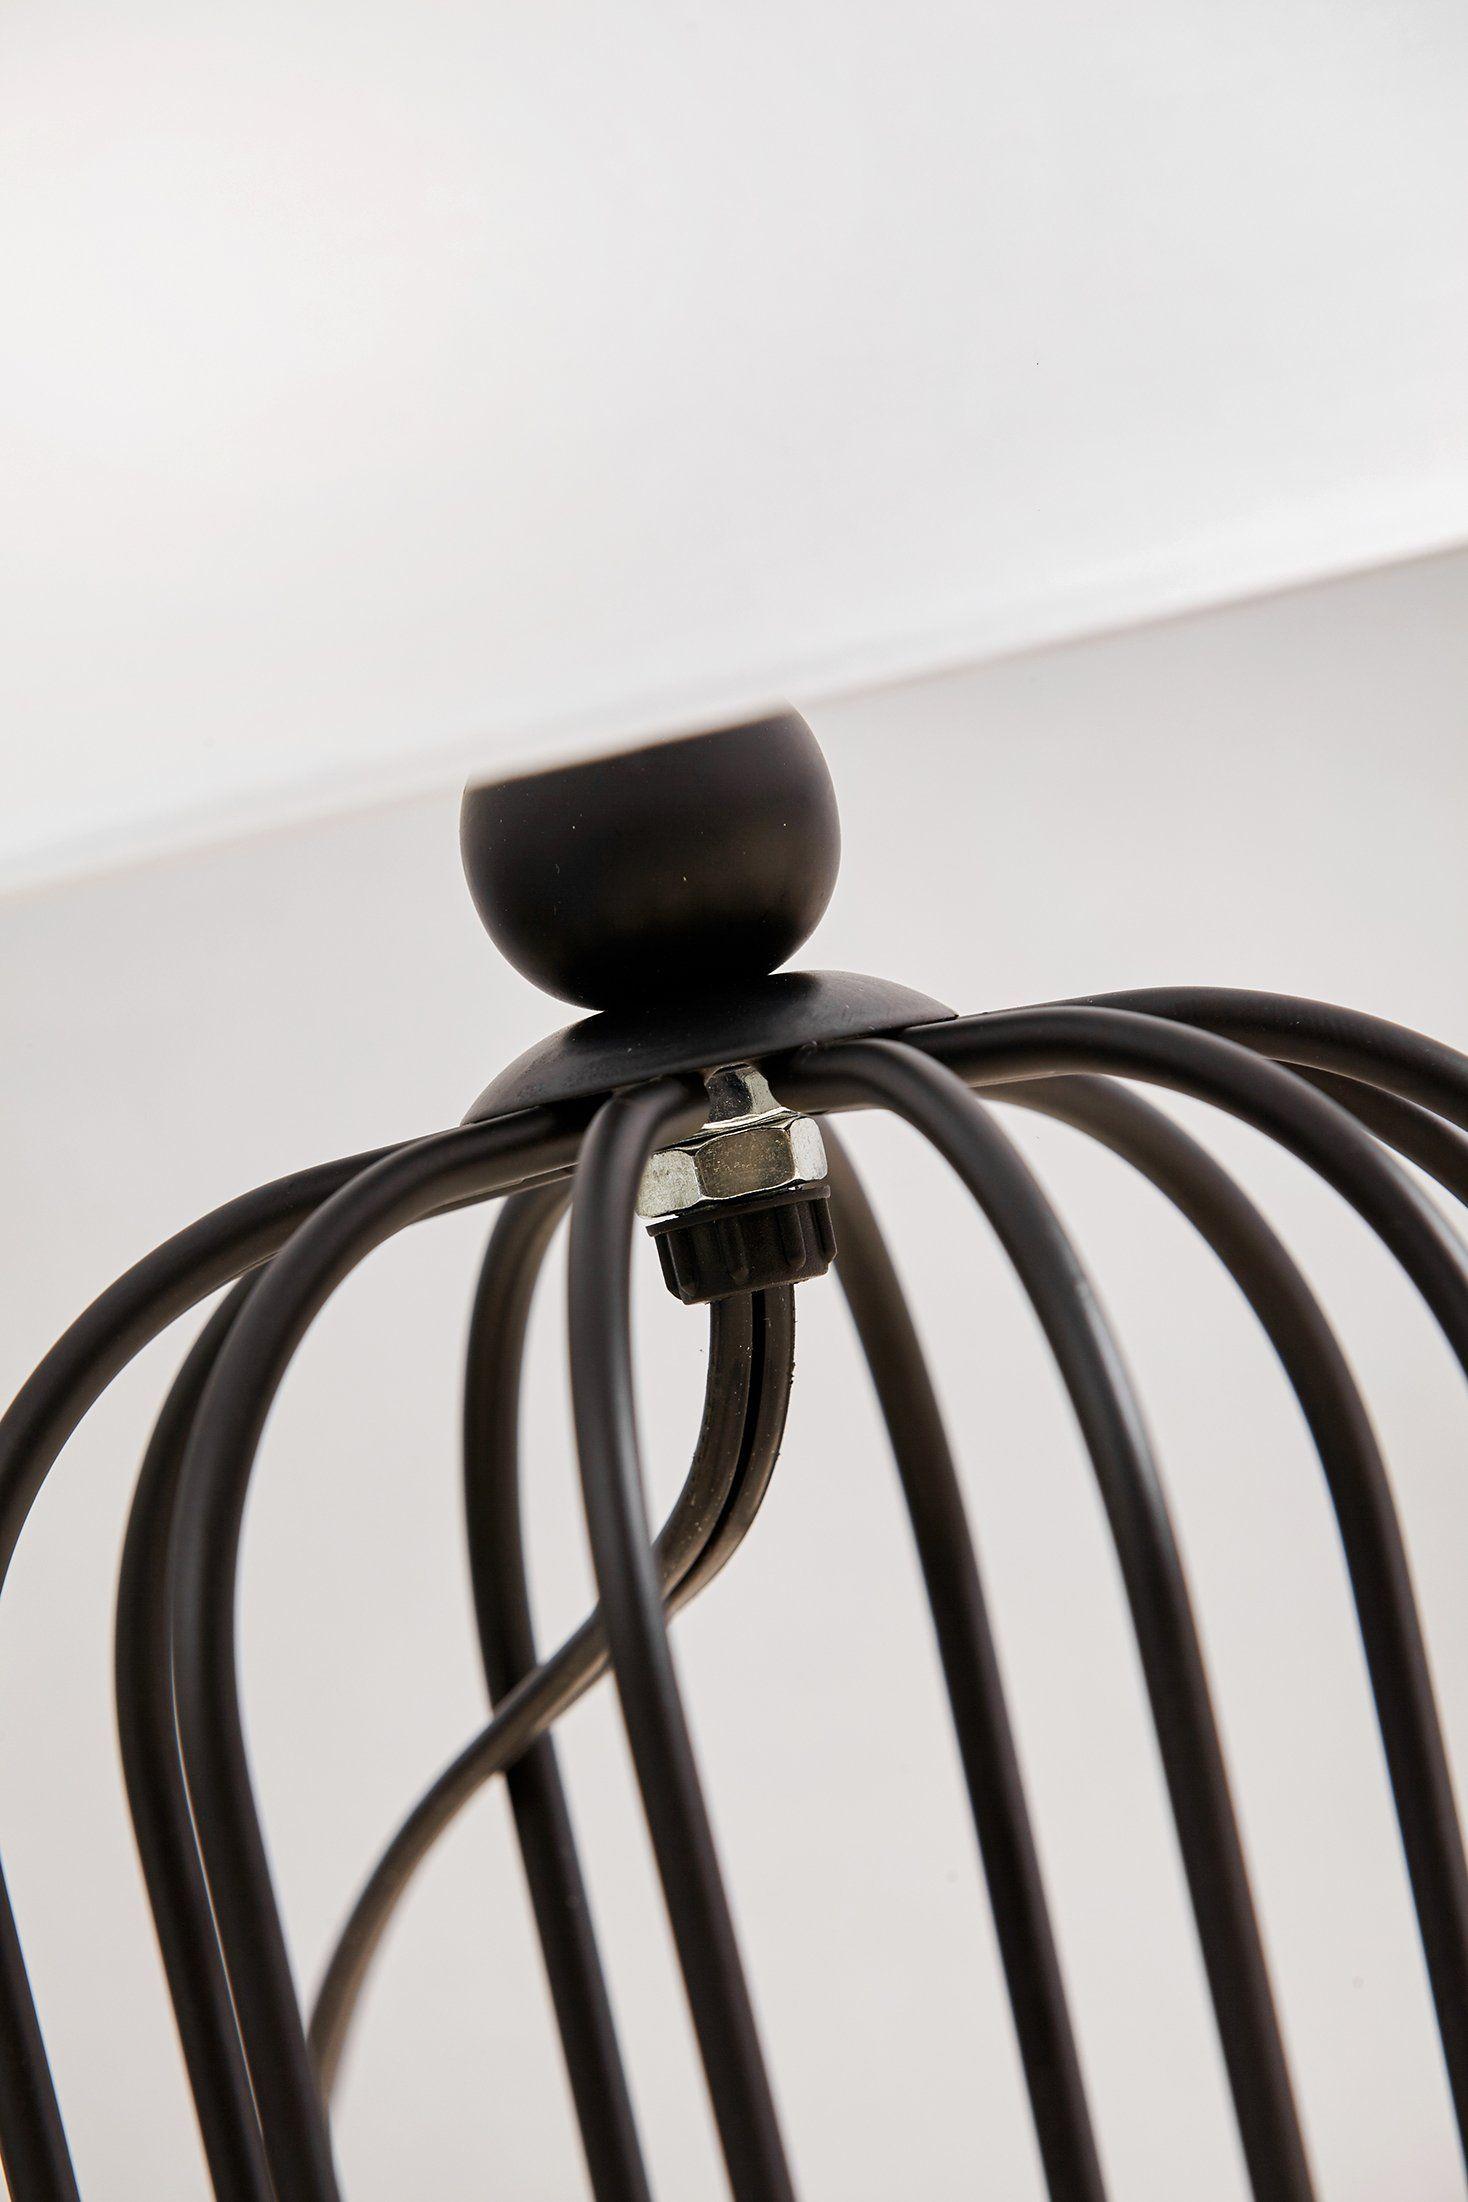 Black Metal Bedside Tables: Bedside Lamp Morden Minimalist Black Metal Bird Cage With